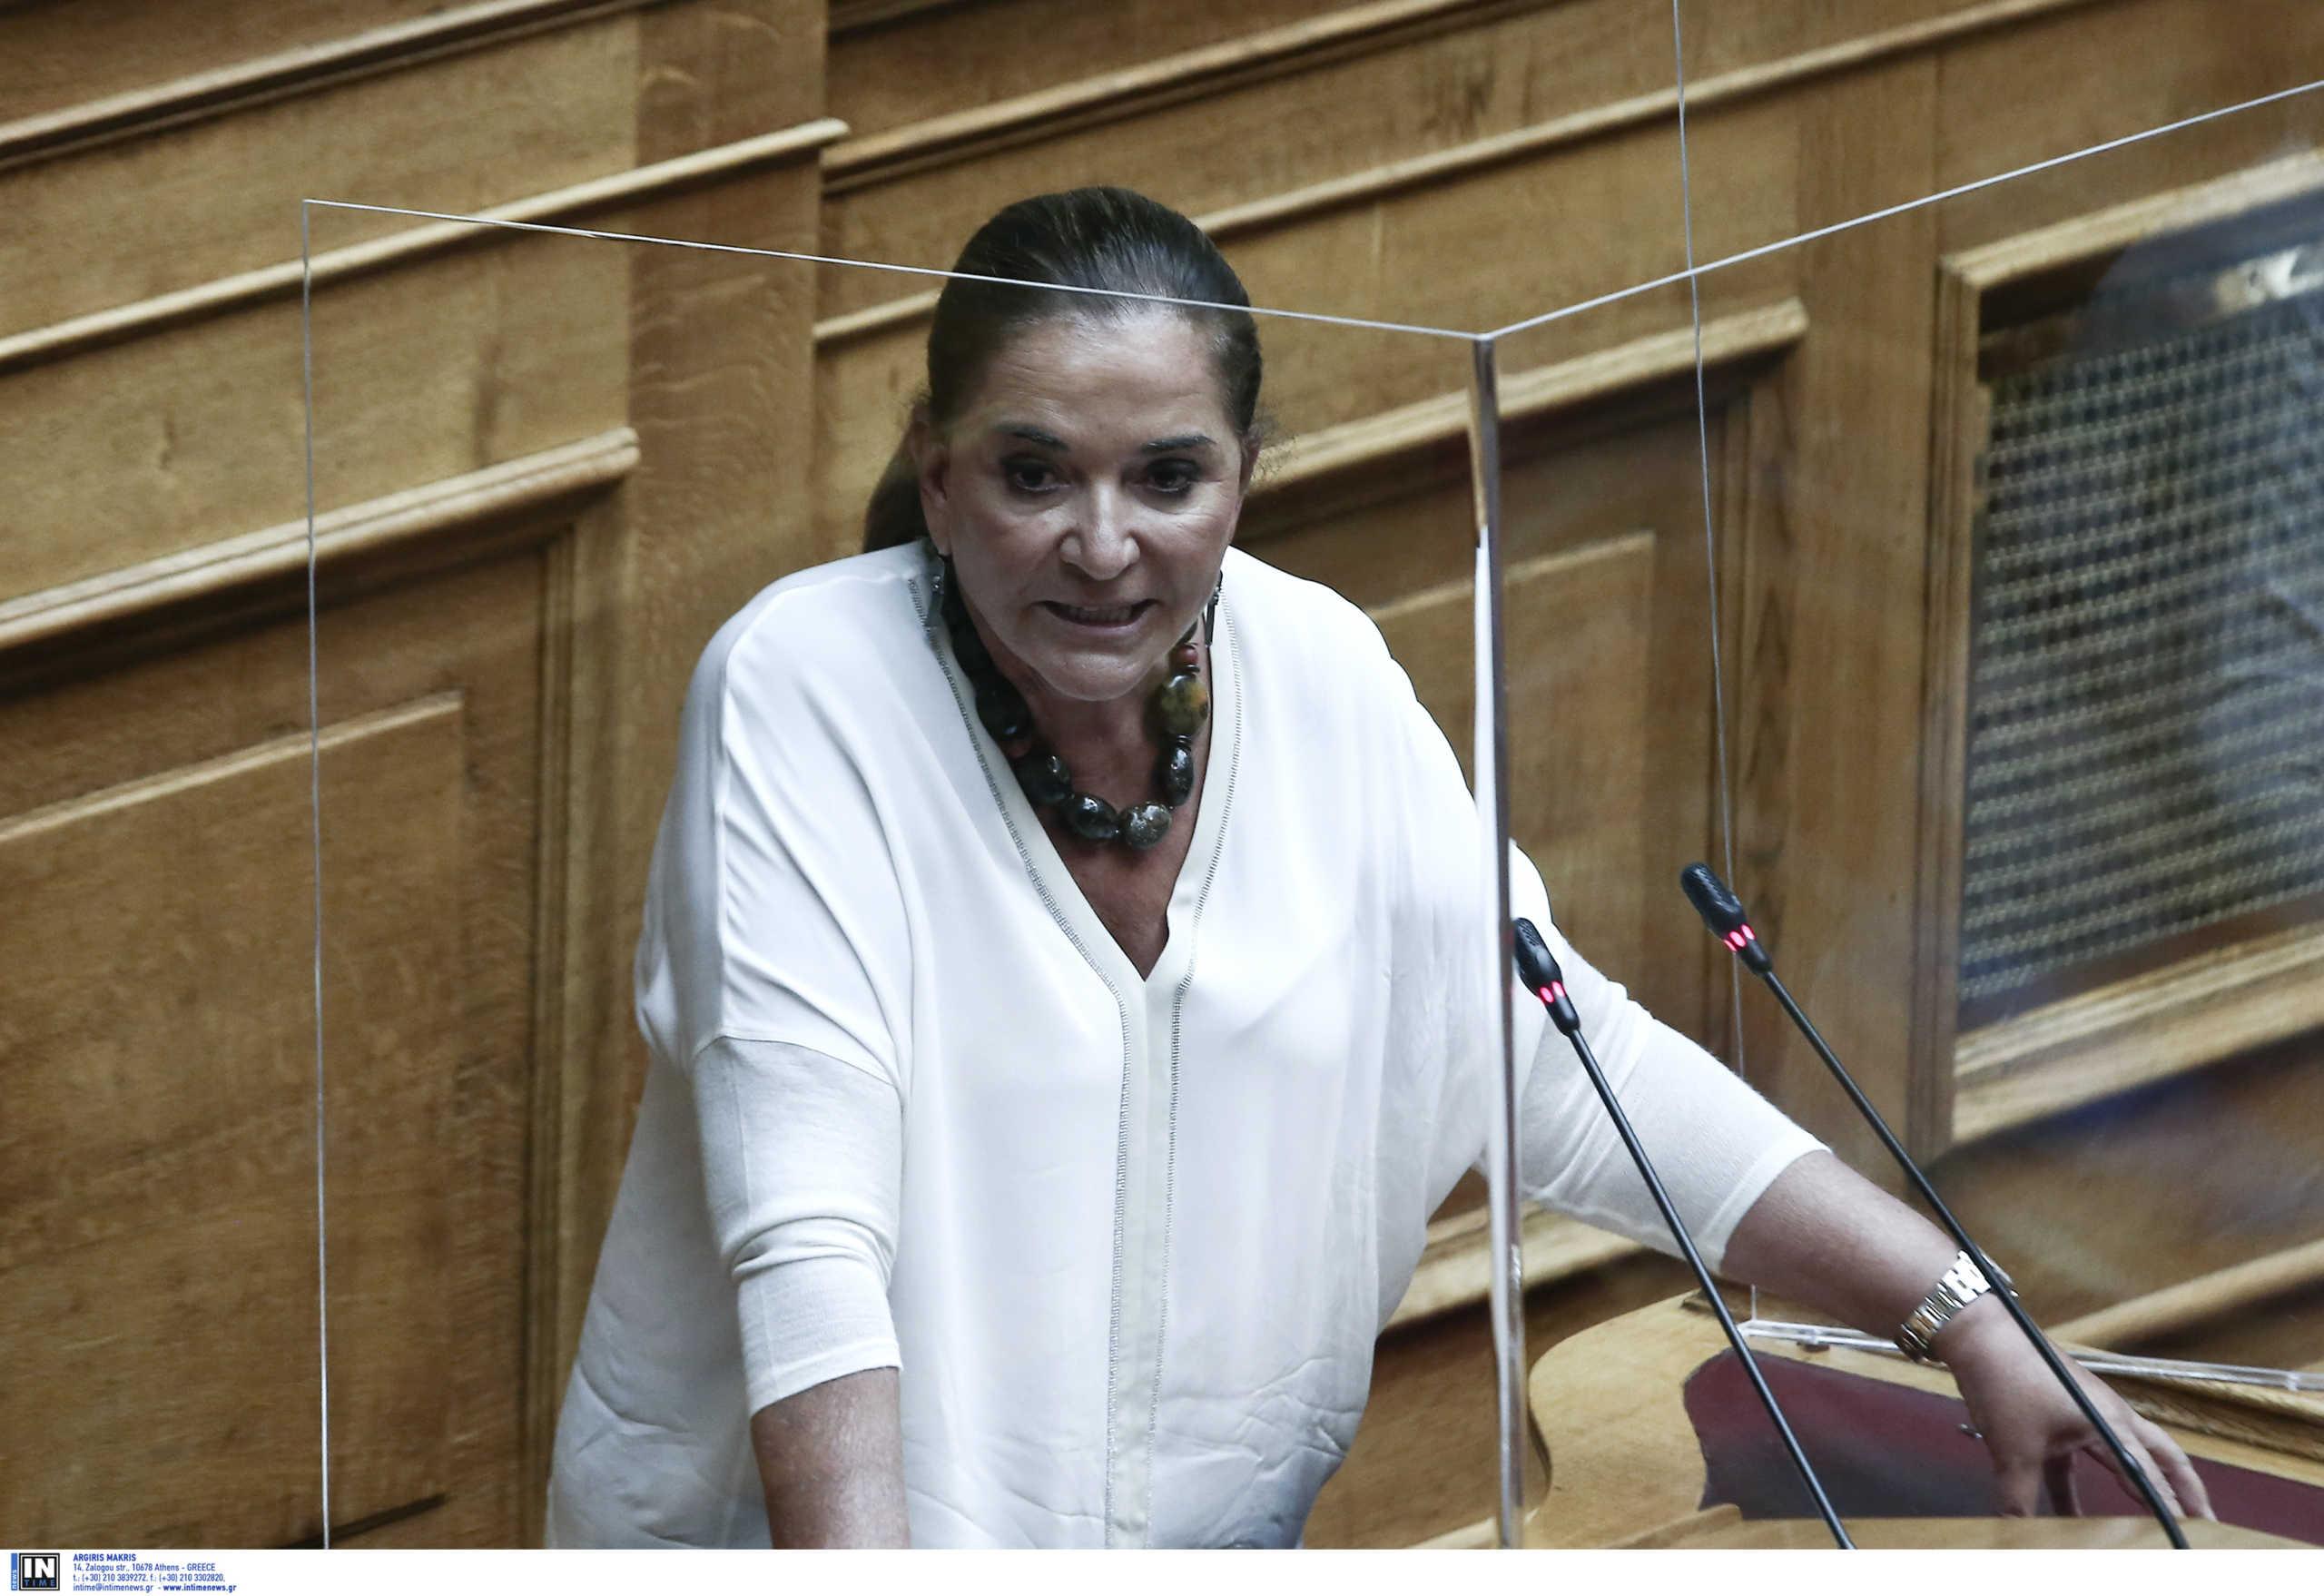 Μπακογιάννη: Η Ελλάδα, η Κύπρος, η Ευρώπη, δεν εκφοβίζονται, δεν εκβιάζονται